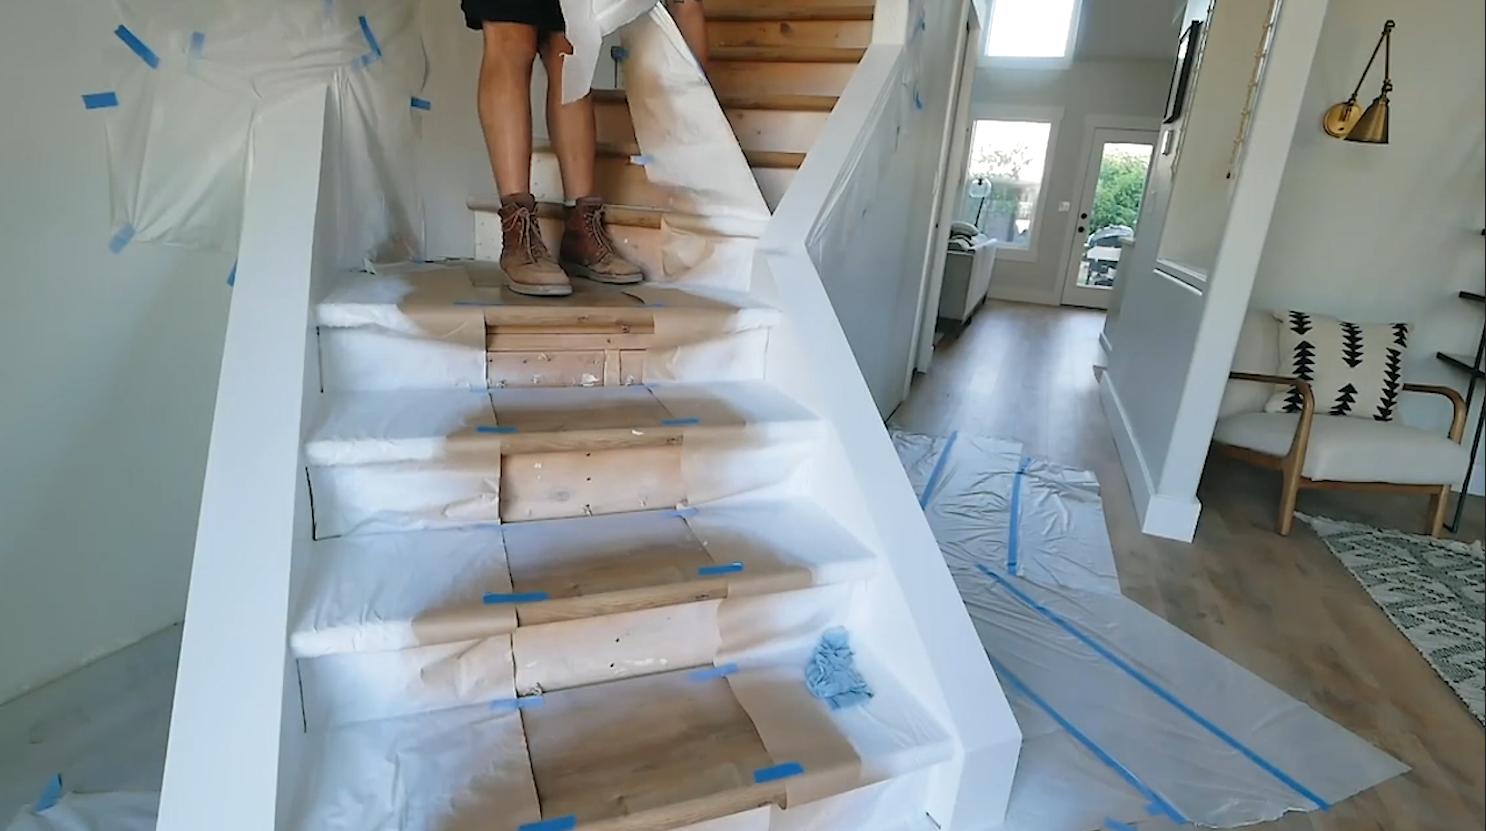 只要把樓梯改造一下,就能舊樓變新顏